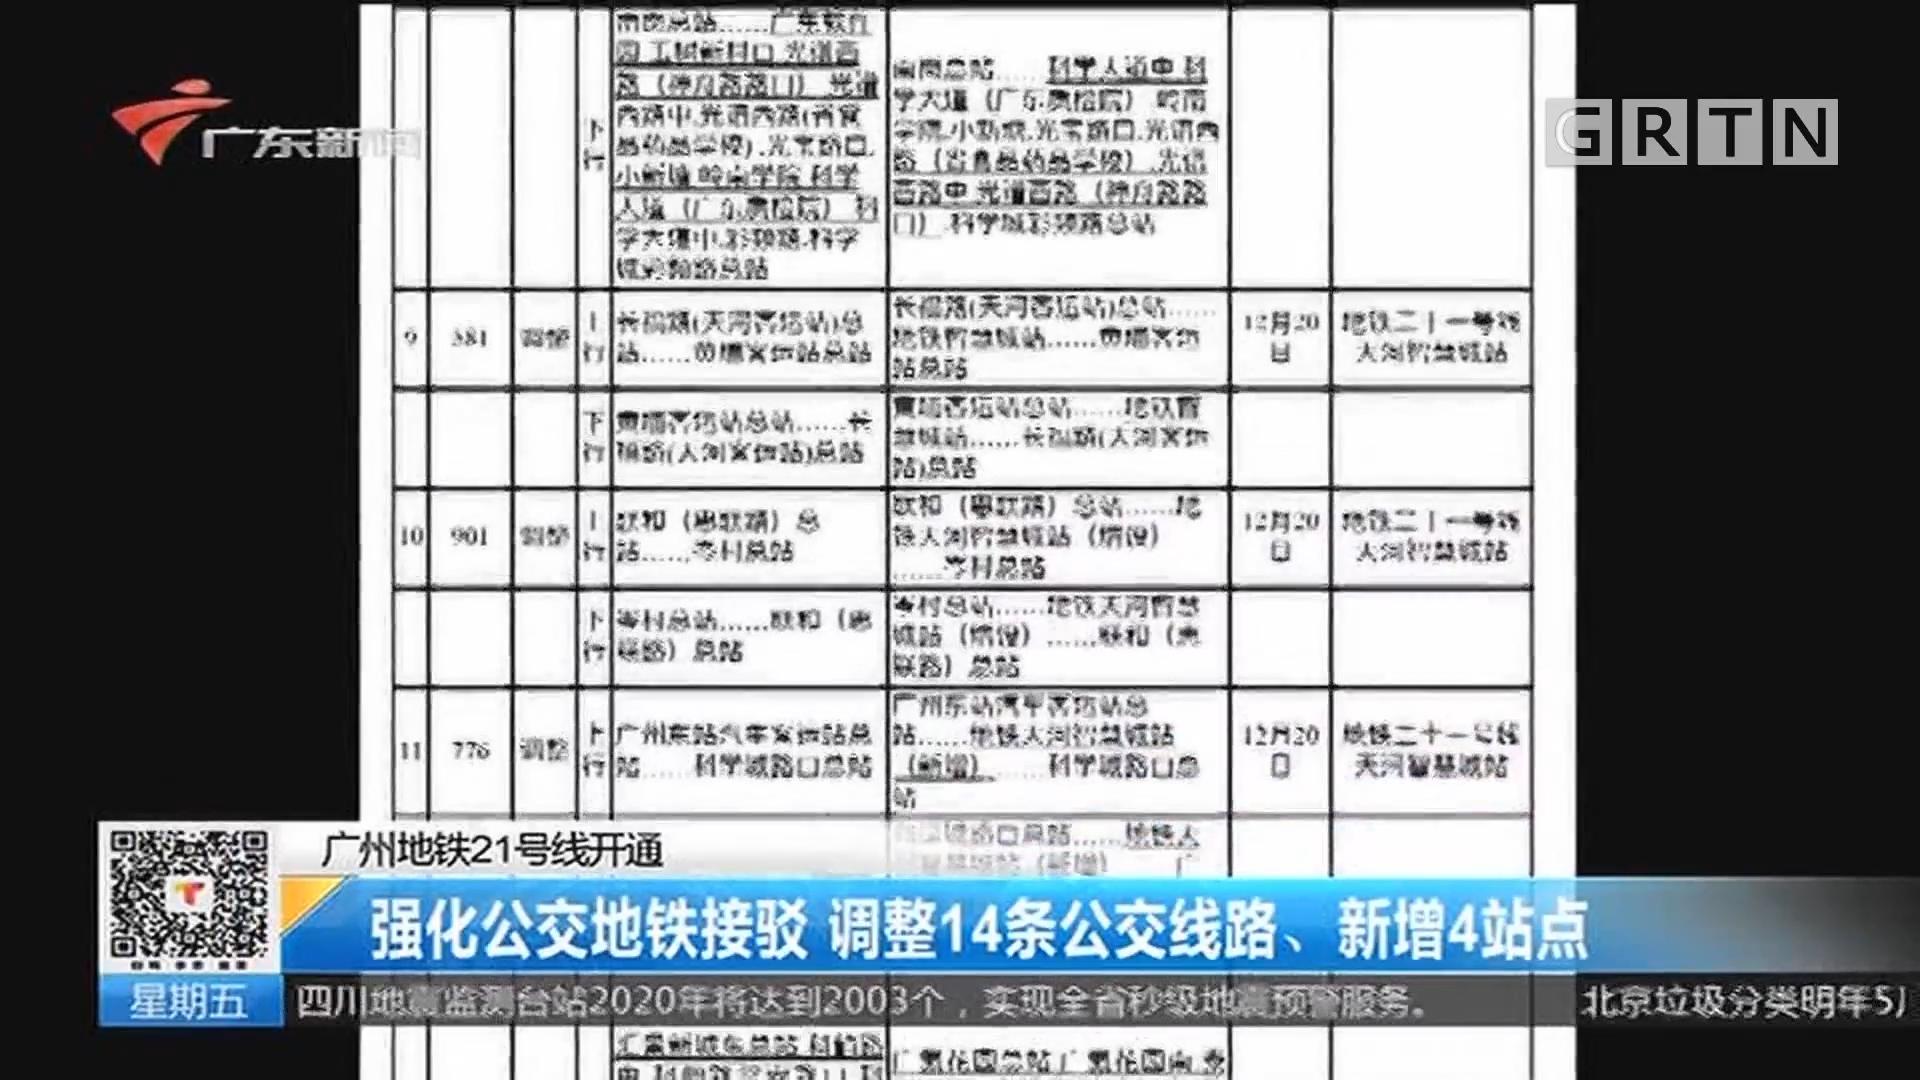 广州地铁21号线开通 强化公交地铁接驳 调整14条公交线路、新增4站点